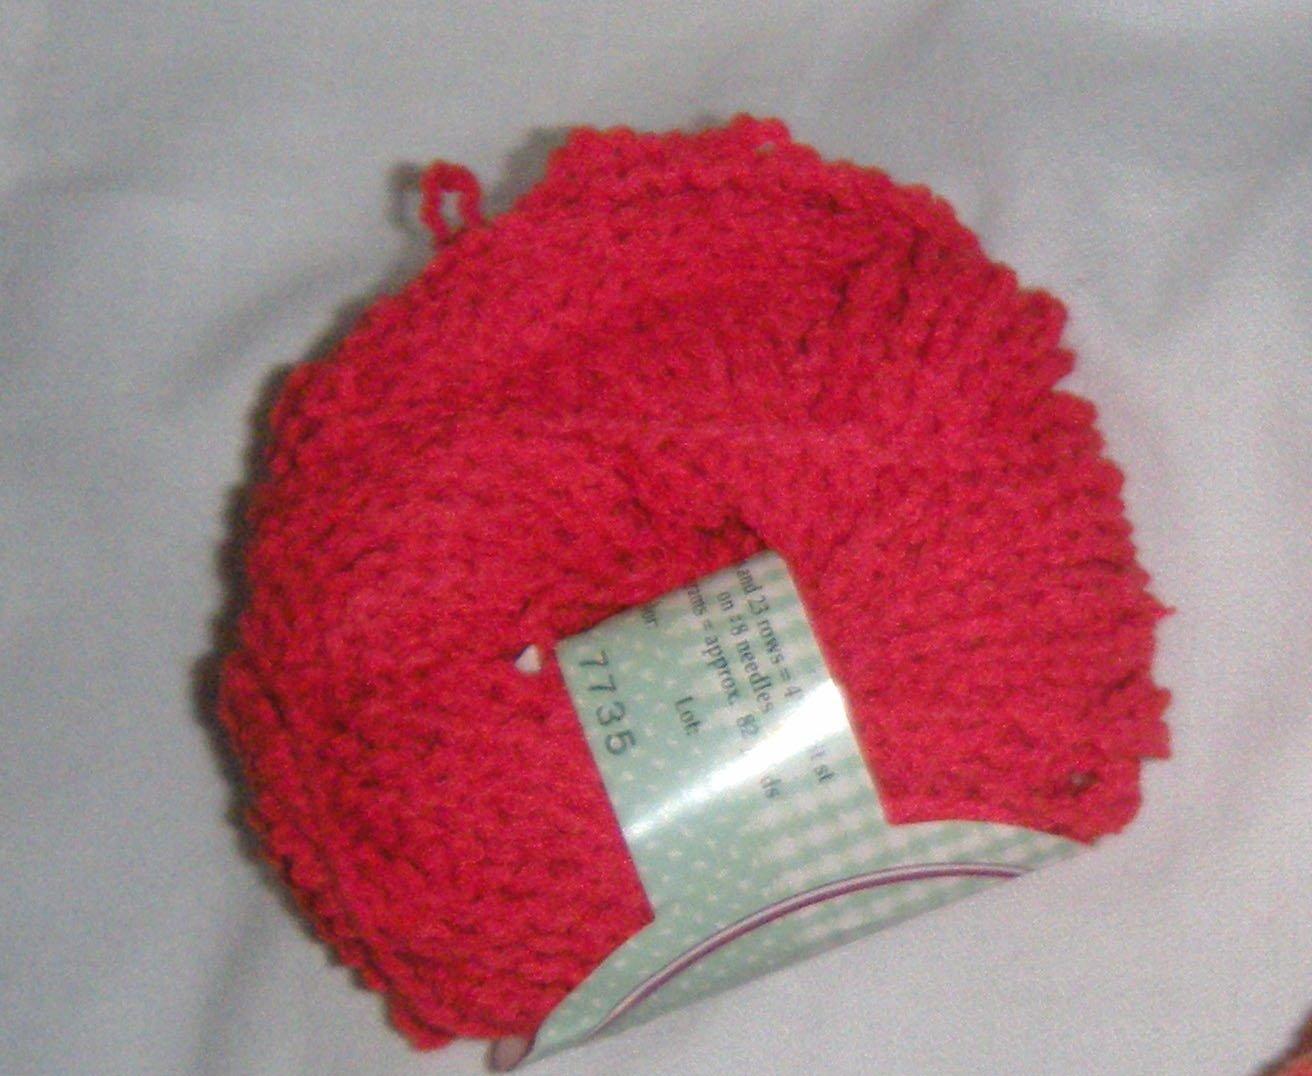 Reynolds Blossom Red #1449 Cotton Blend Yarn